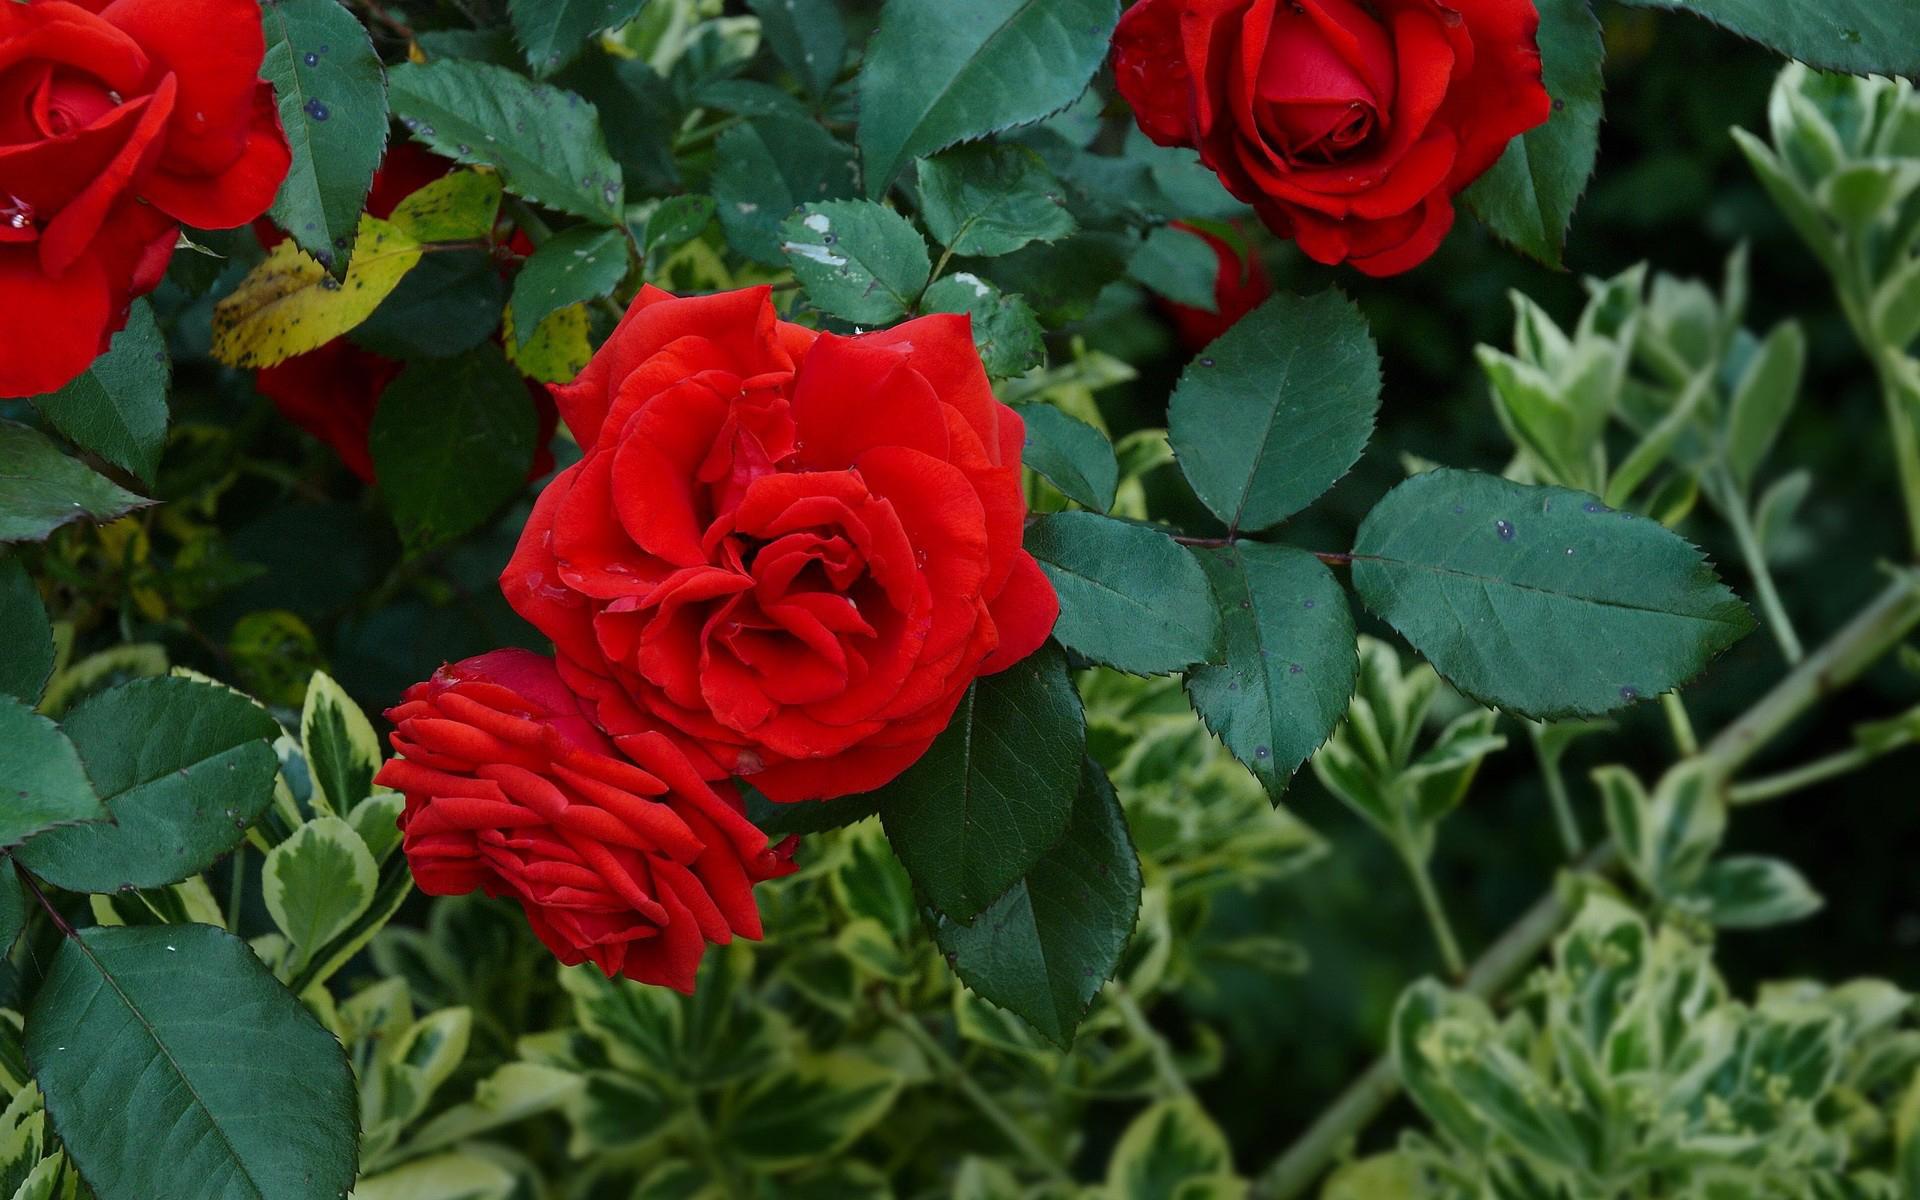 розы, куст, лужайка, бутоны, листья загрузить